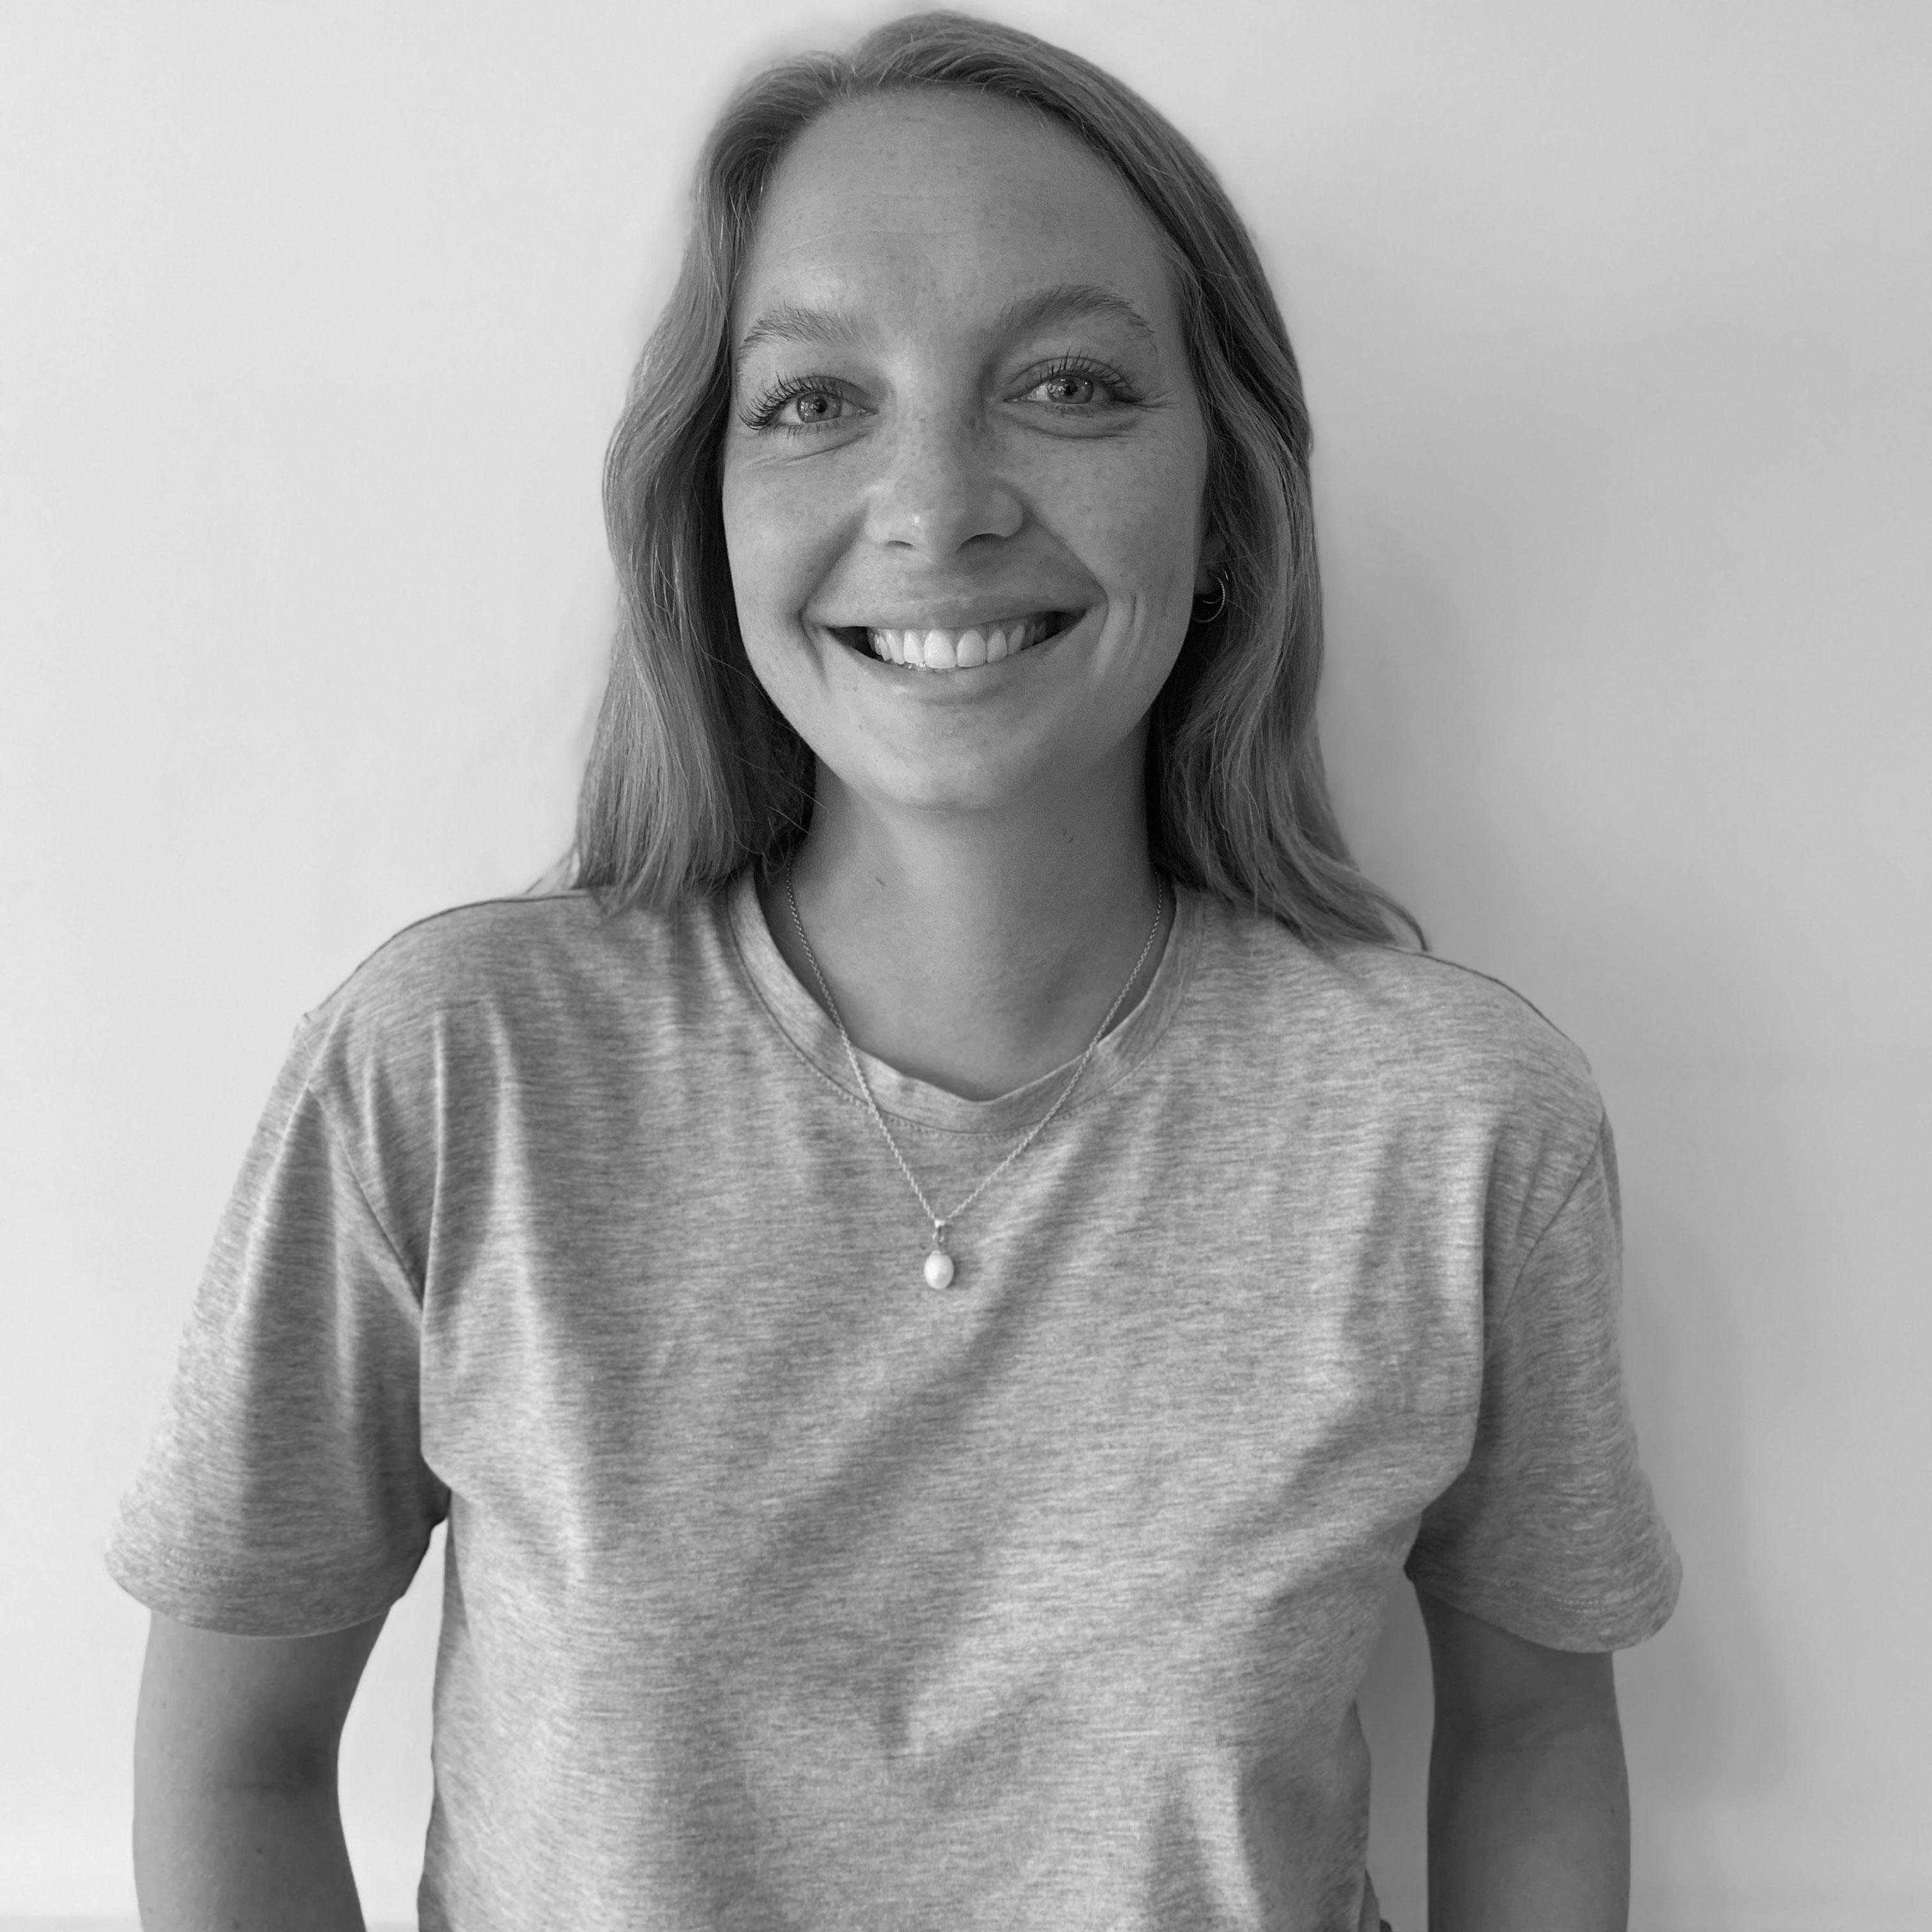 Danielle Sarah Steffensen